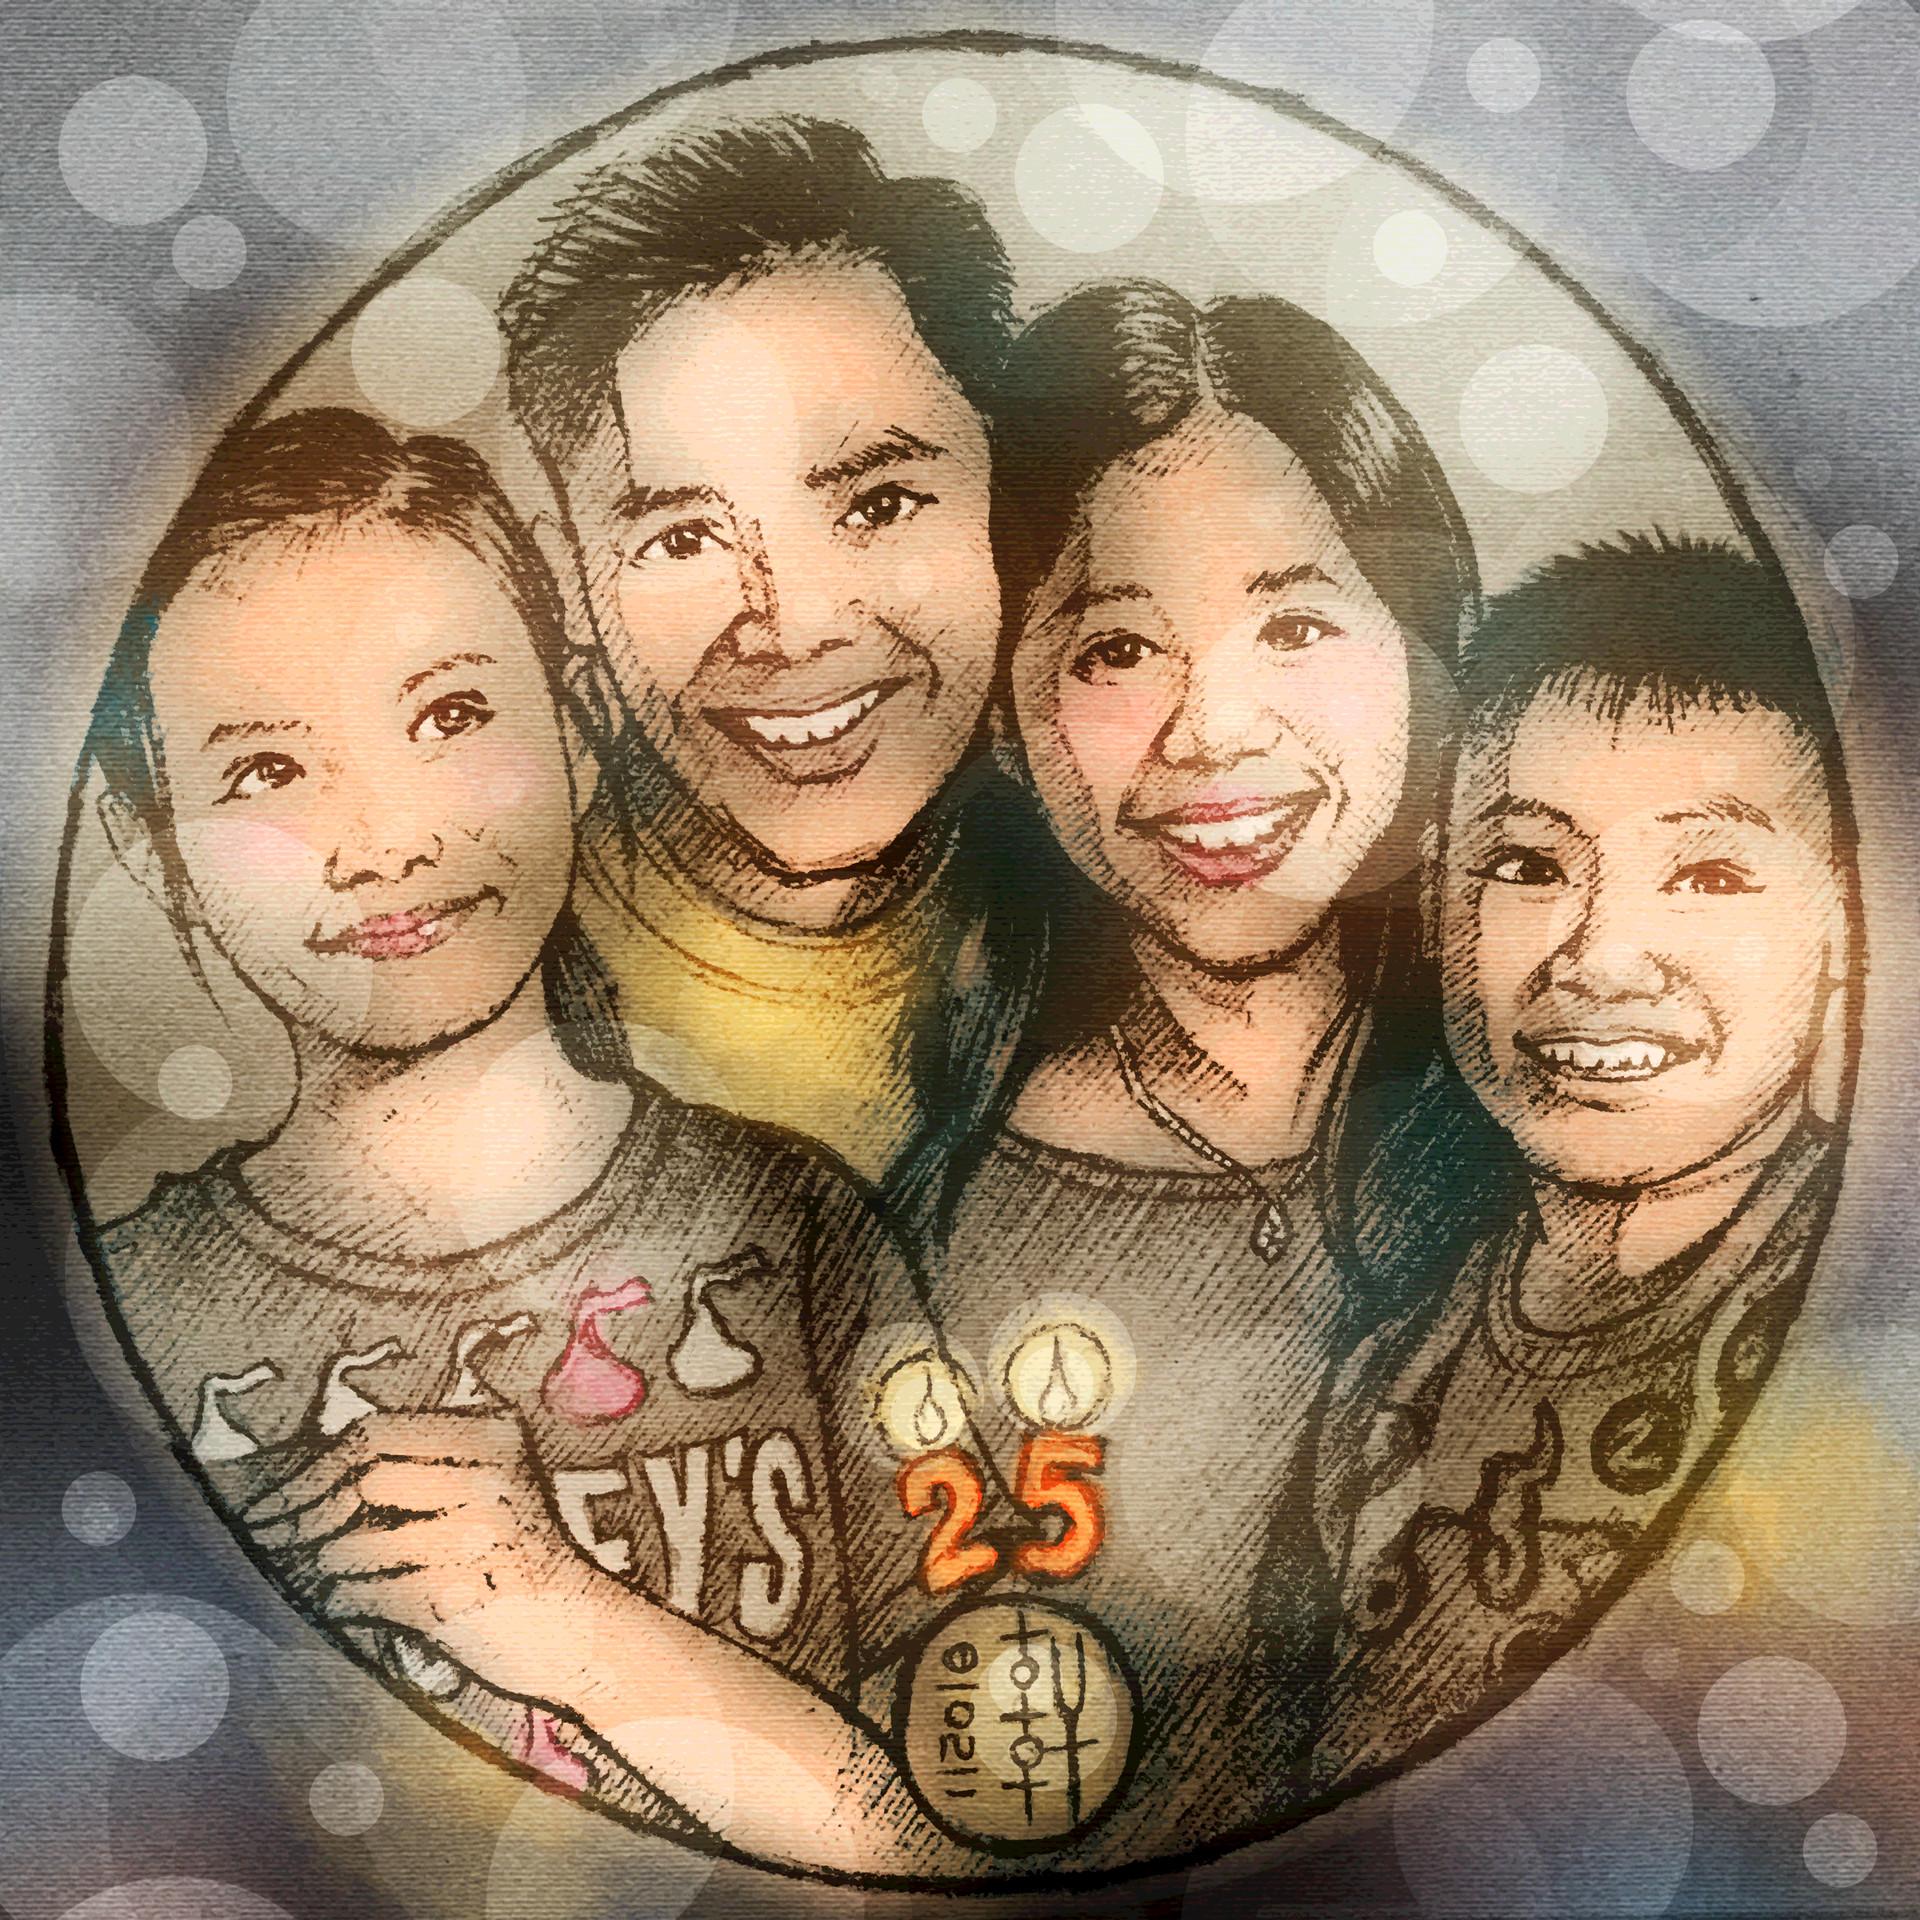 Eric lynx lin emilyfok family